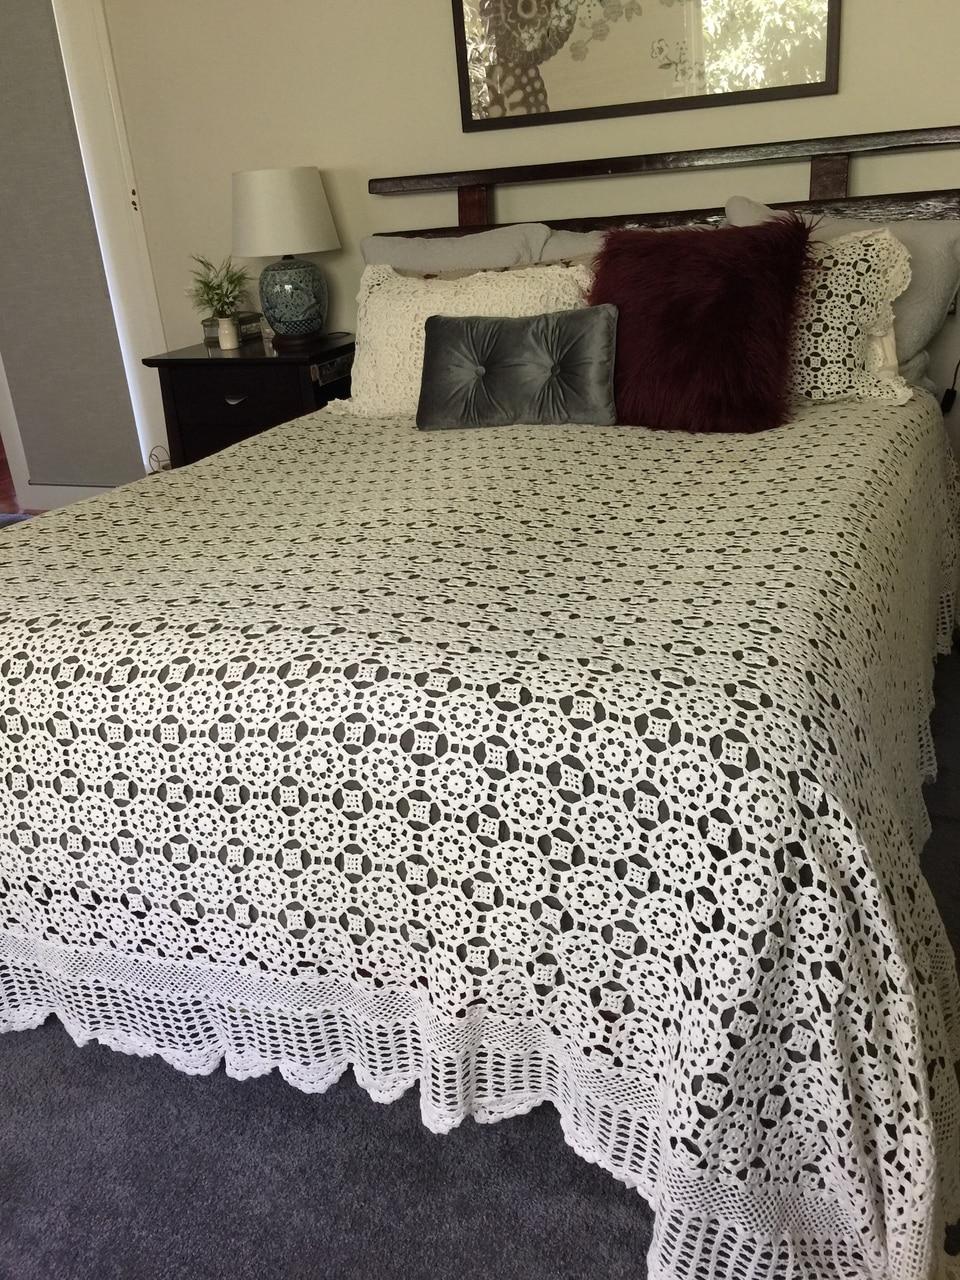 صور اغطية السرير بالكروشي , اشيك مفارش السراير الكروشيه